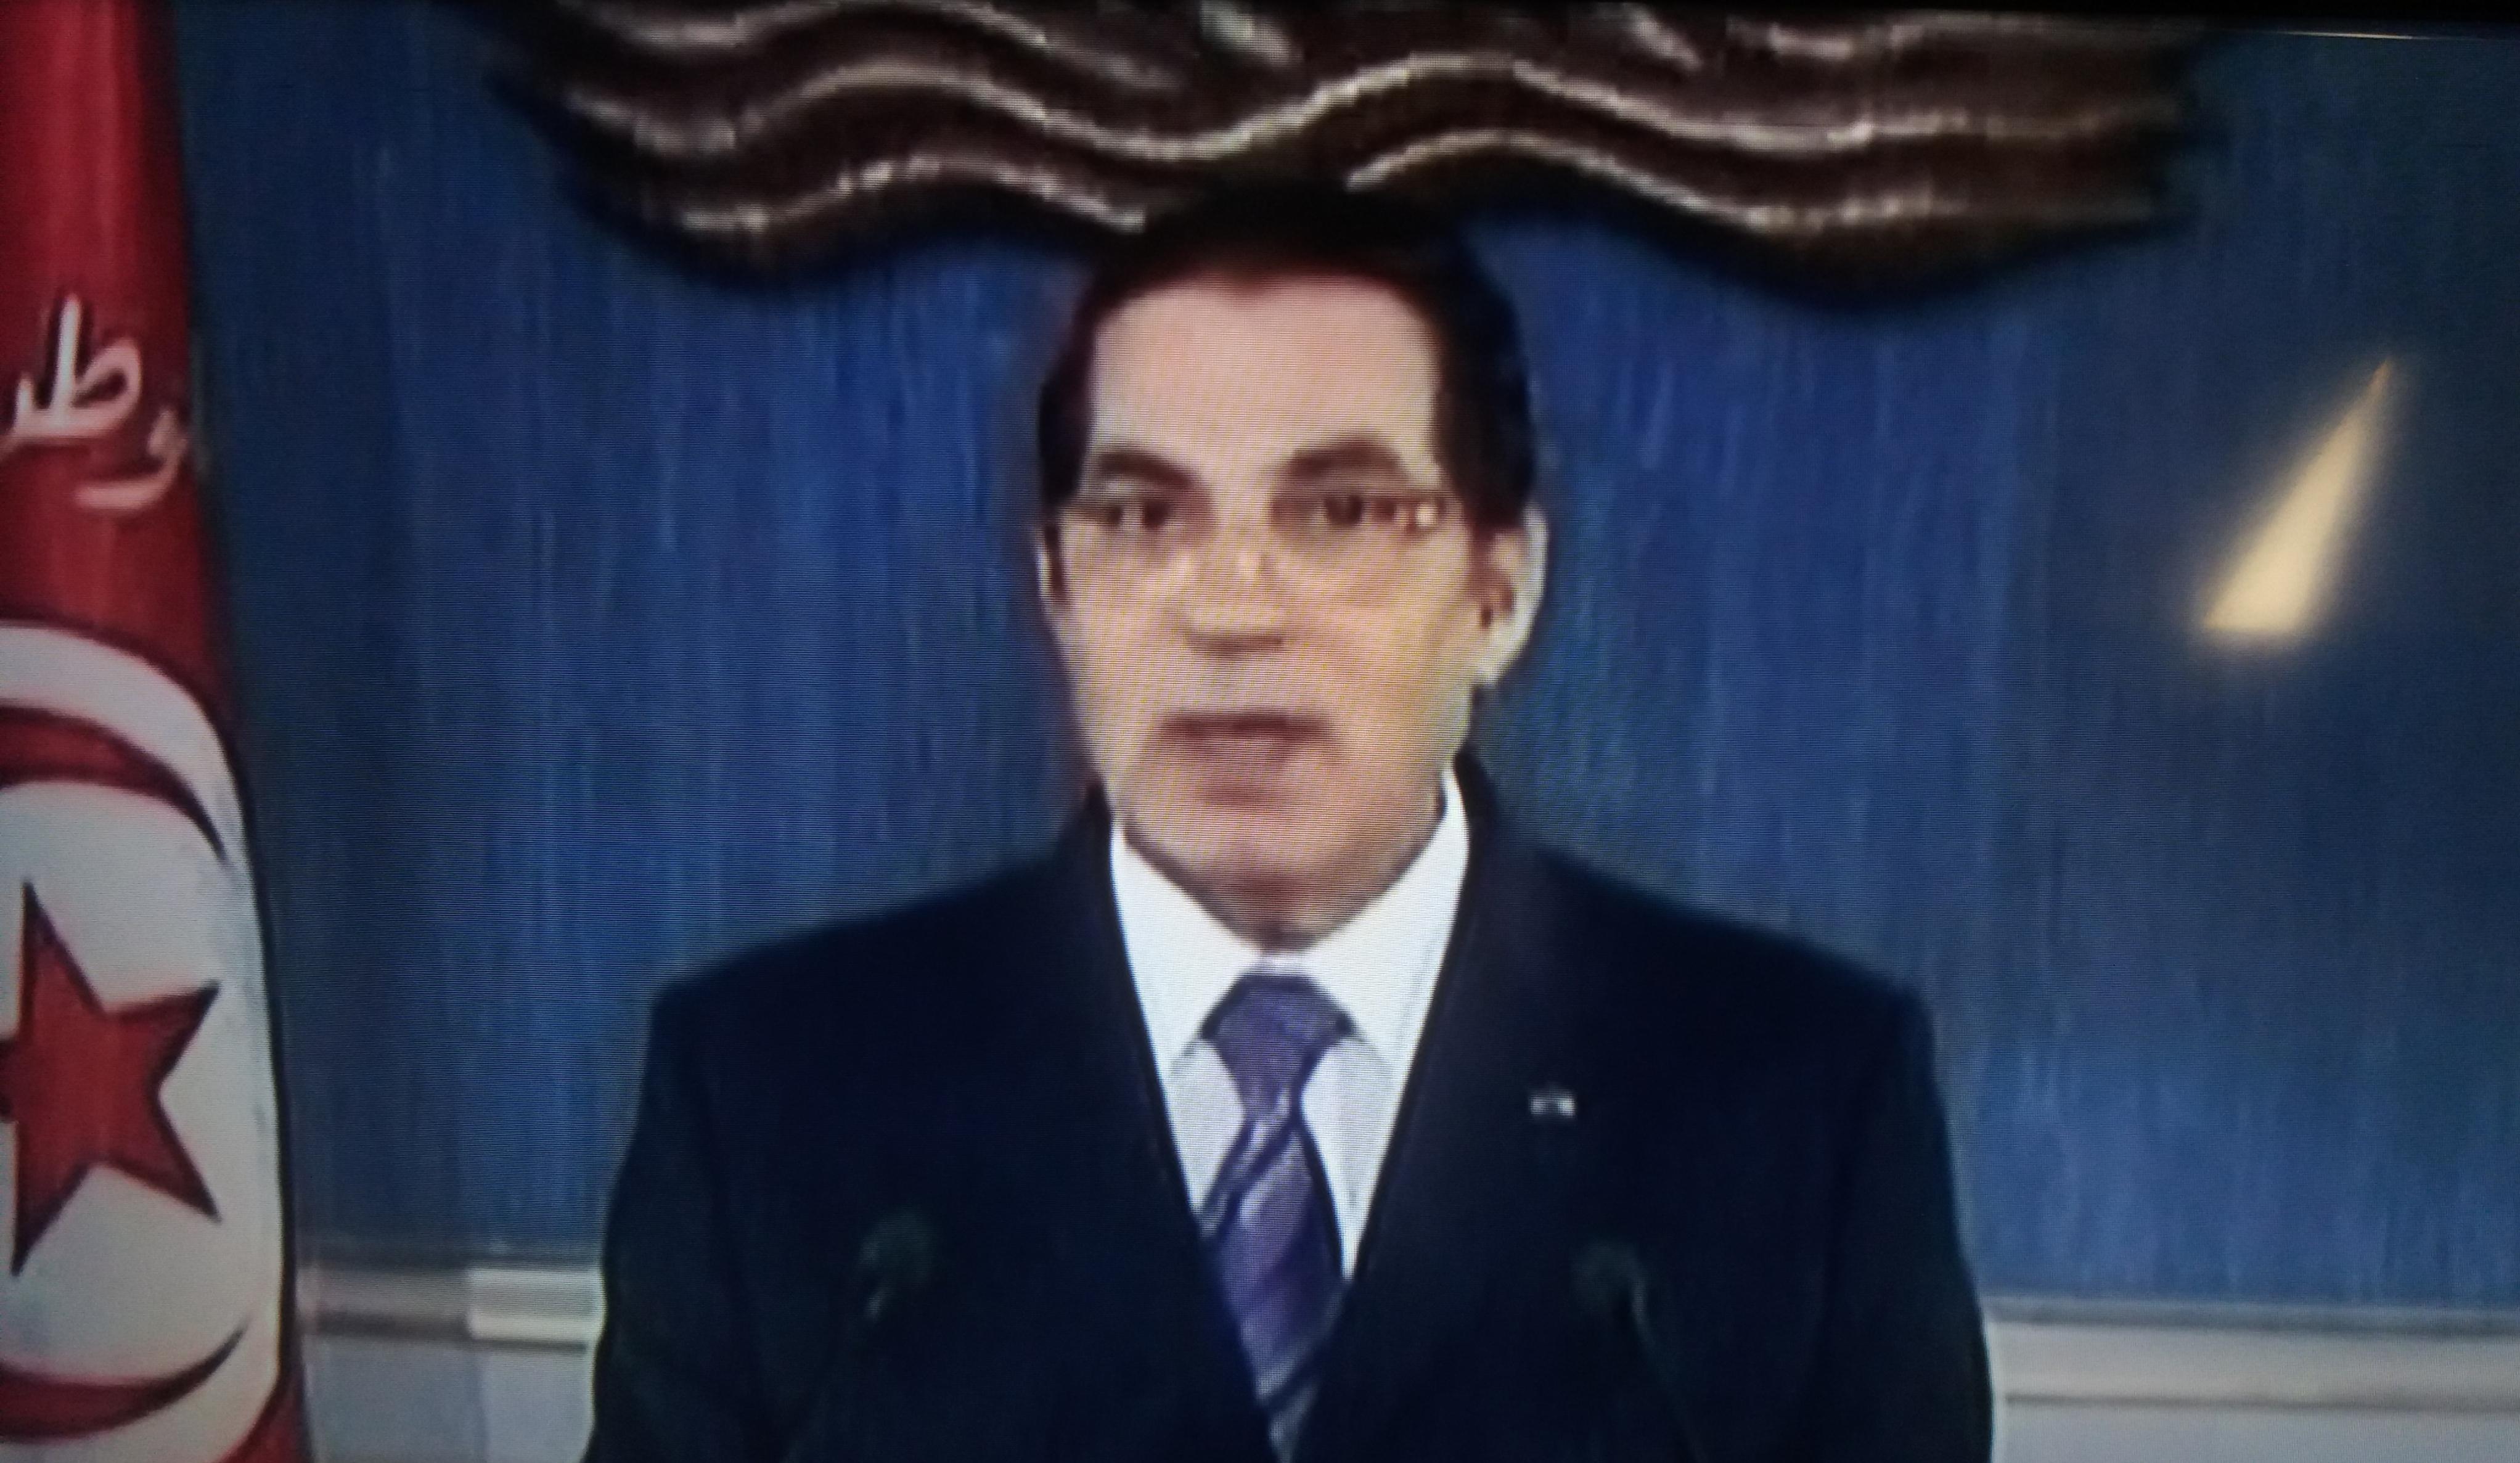 Tunisie: l'ancien président Ben Ali est décédé